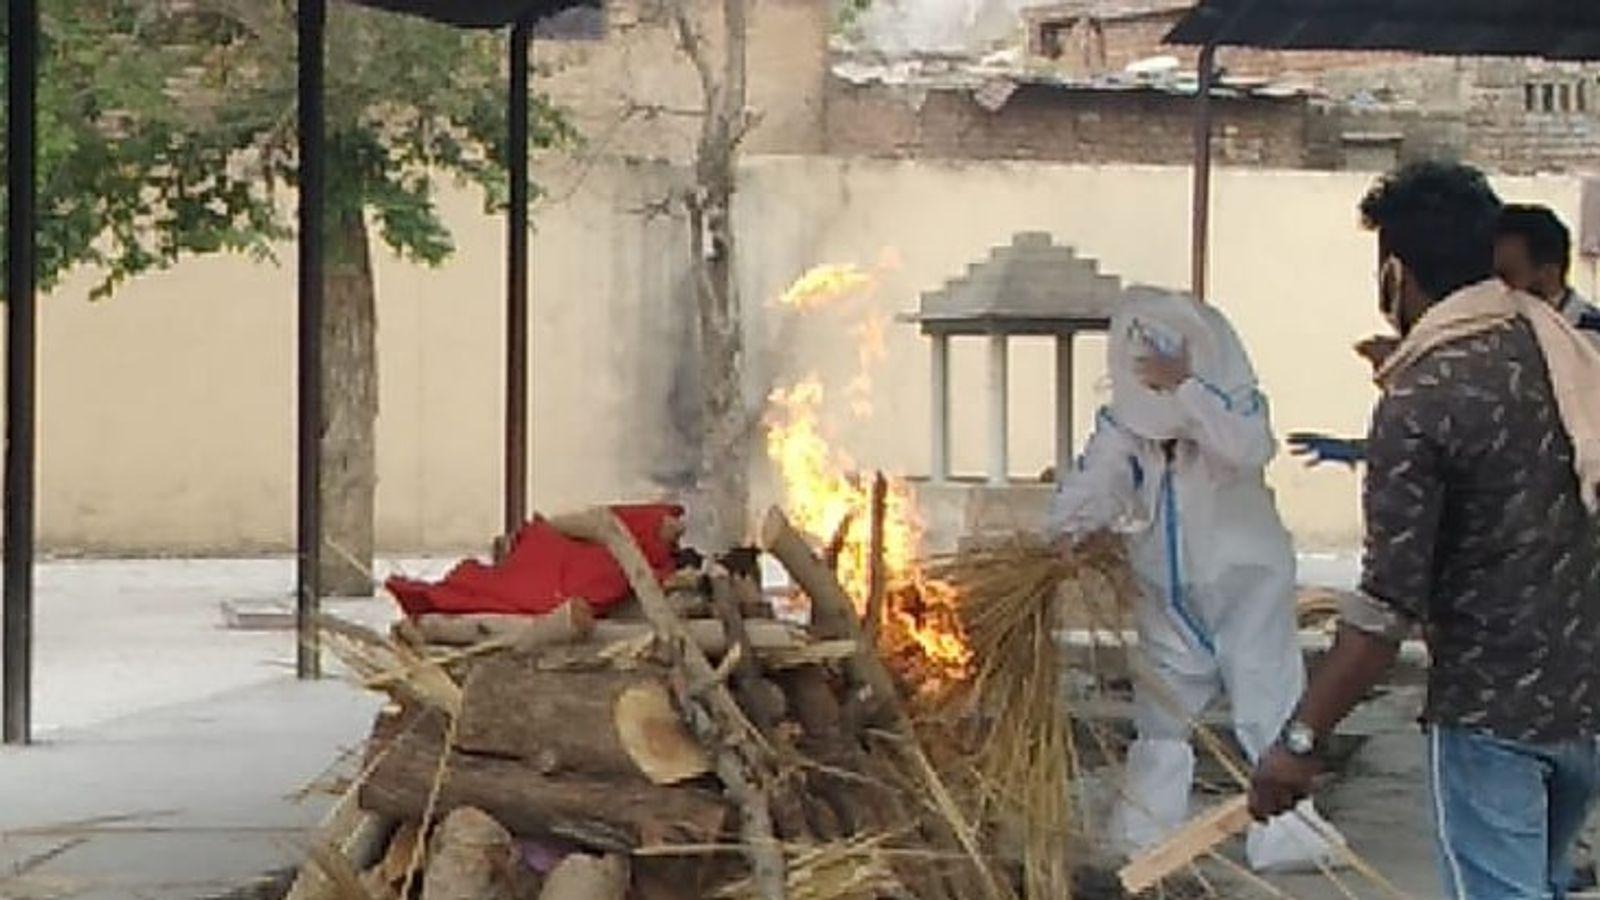 Daughters lit fire | बरेली के बूढ़े मां-बाप को अलवर के श्मशान में बेटियों  ने मुखाग्नि दी, अमेरिका से नहीं आ सका बेटा - Dainik Bhaskar